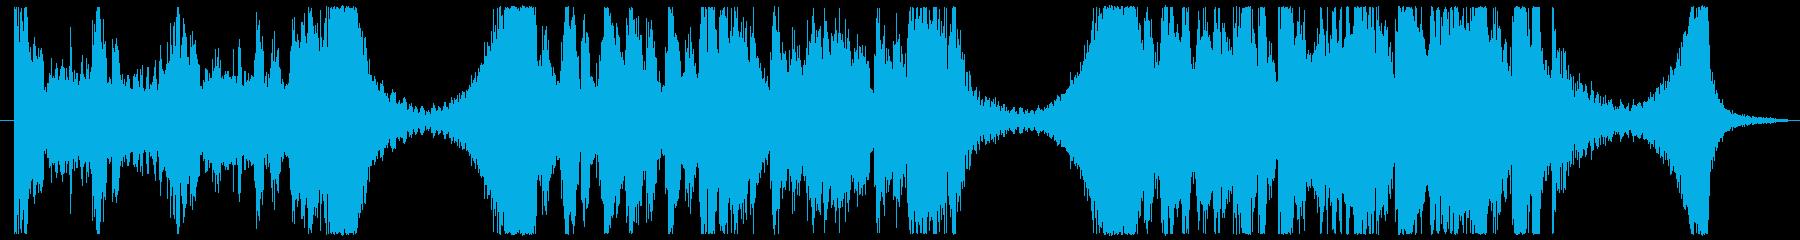 映画トレーラー風のBGMの再生済みの波形